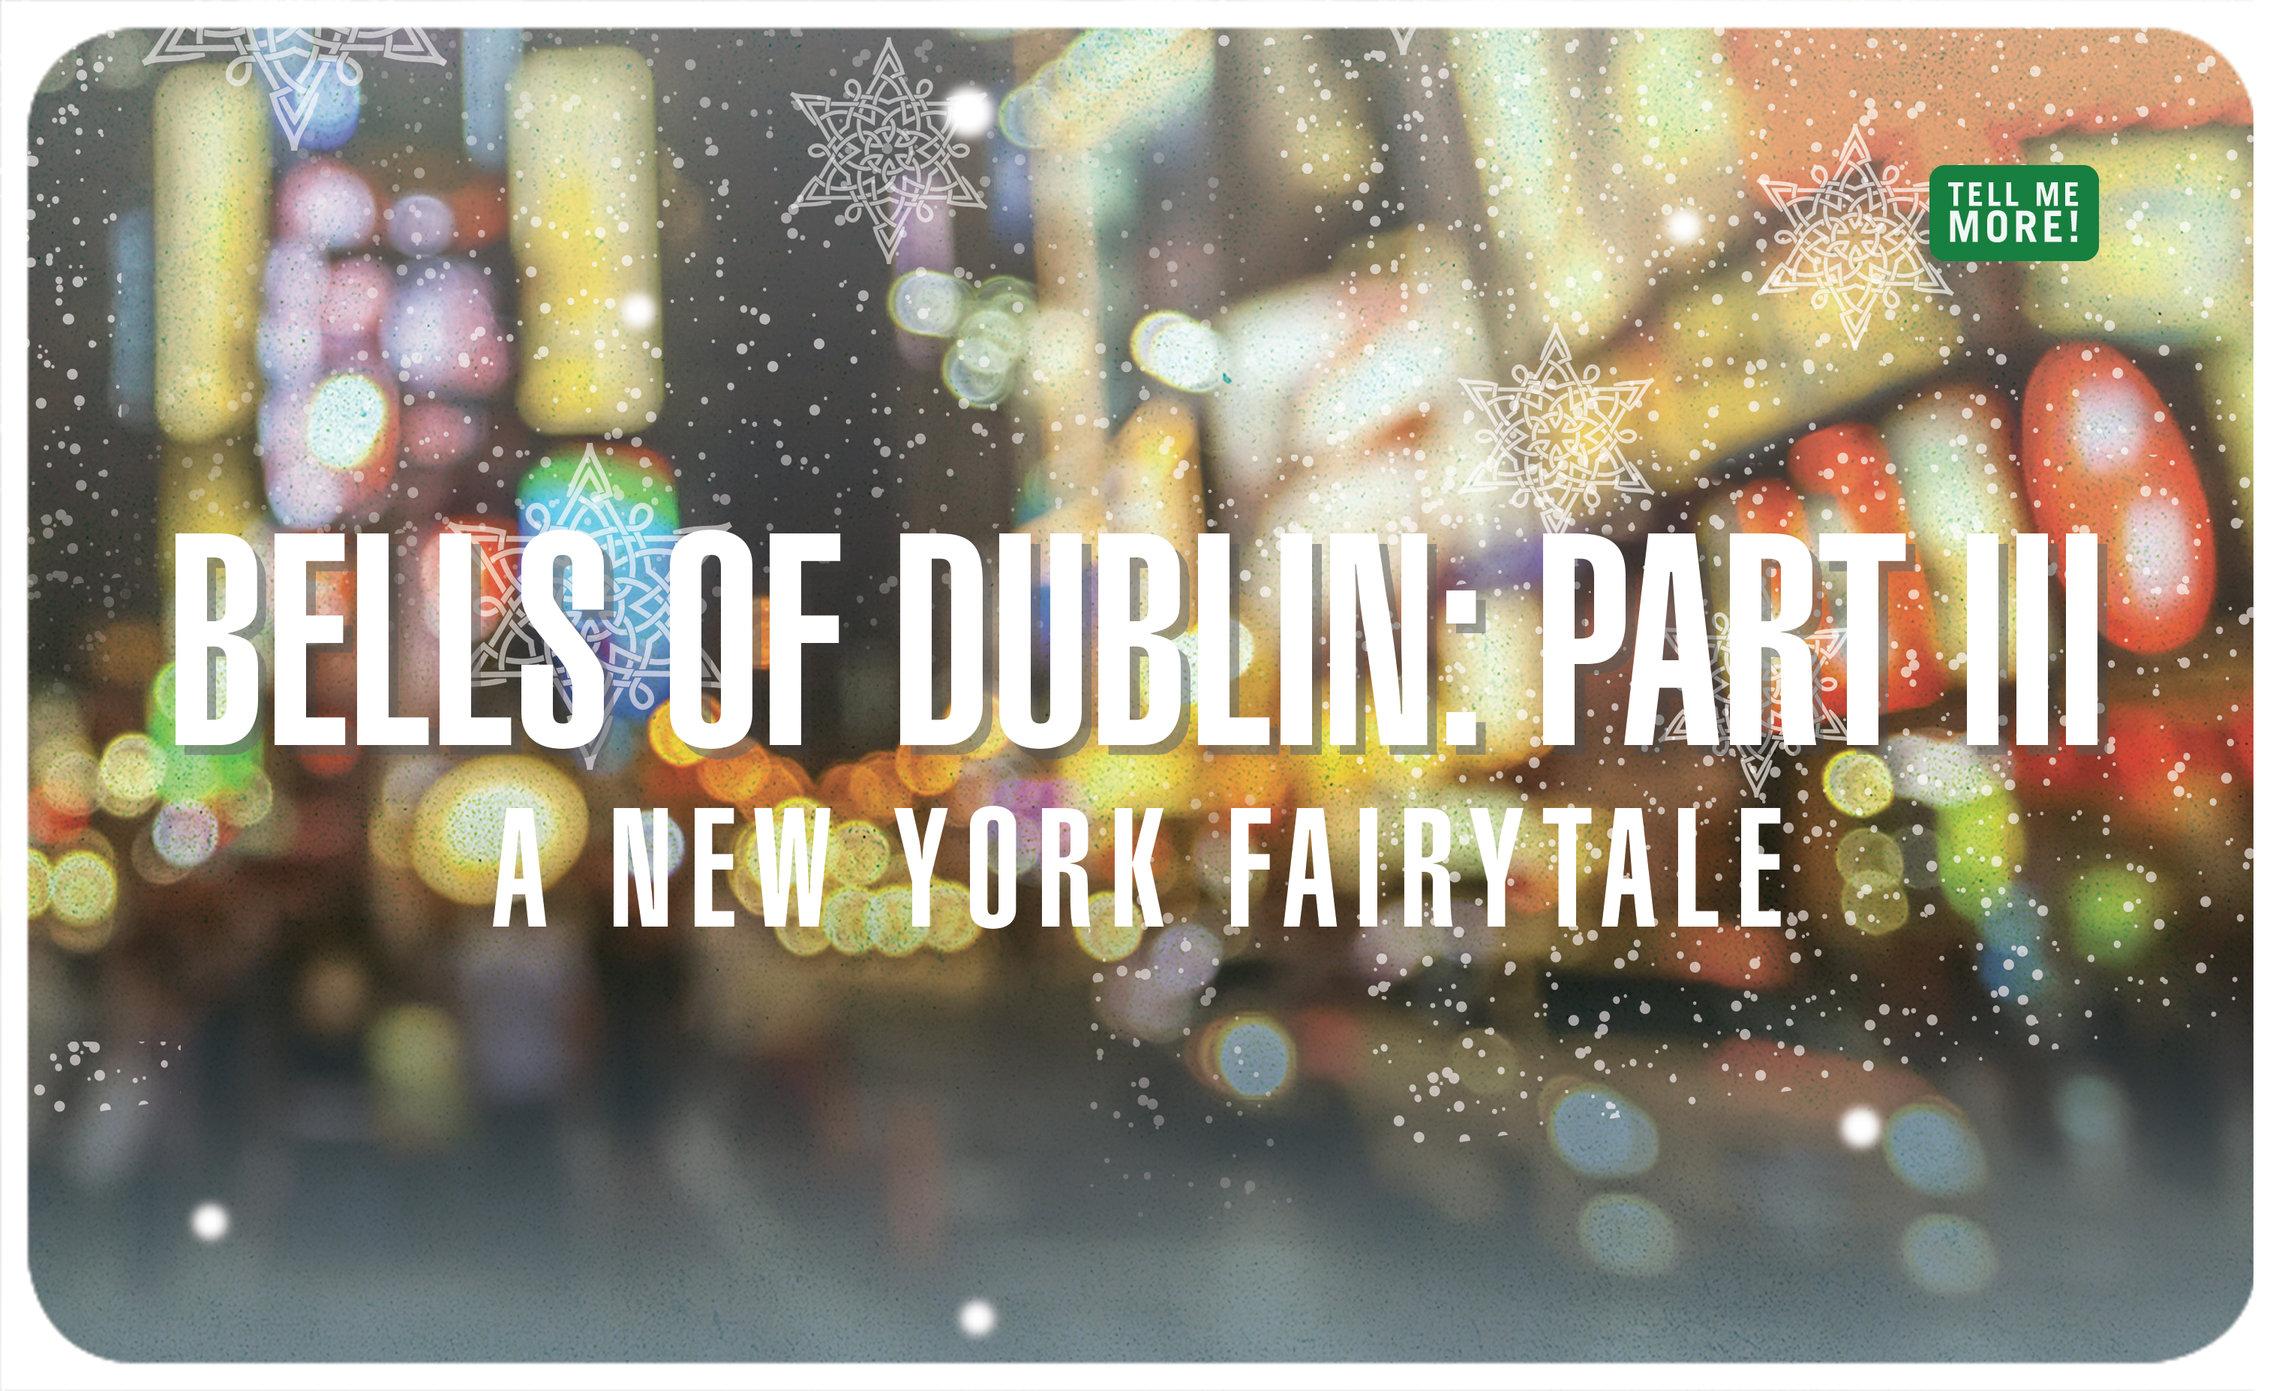 BELLS OF DUBLIN PART III:  A NEW YORK FAIRYTALE